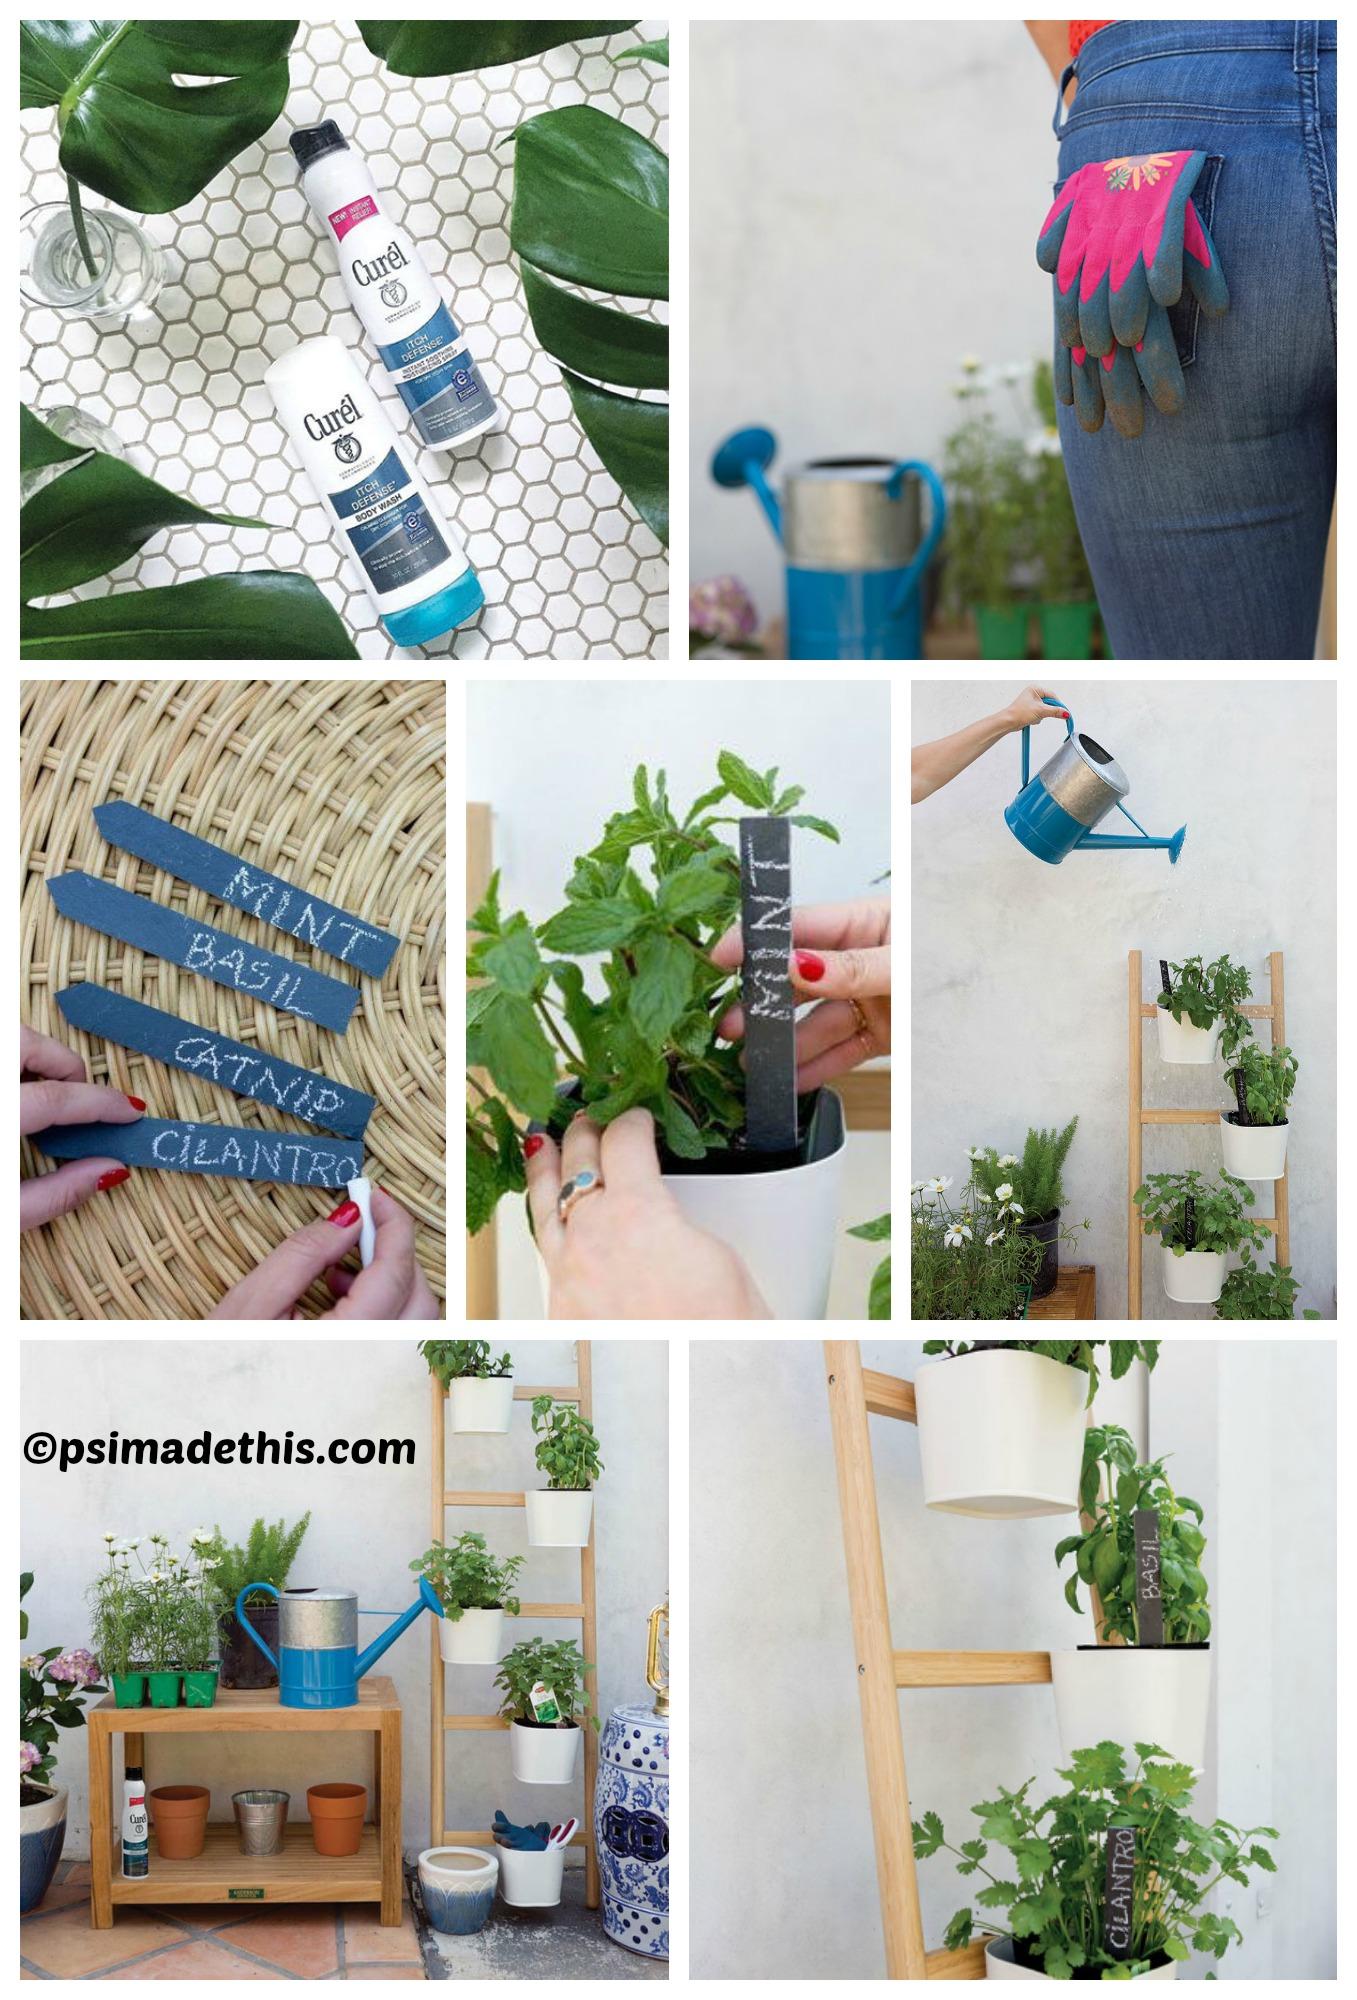 How to make a Vertical Ladder Herb Garden